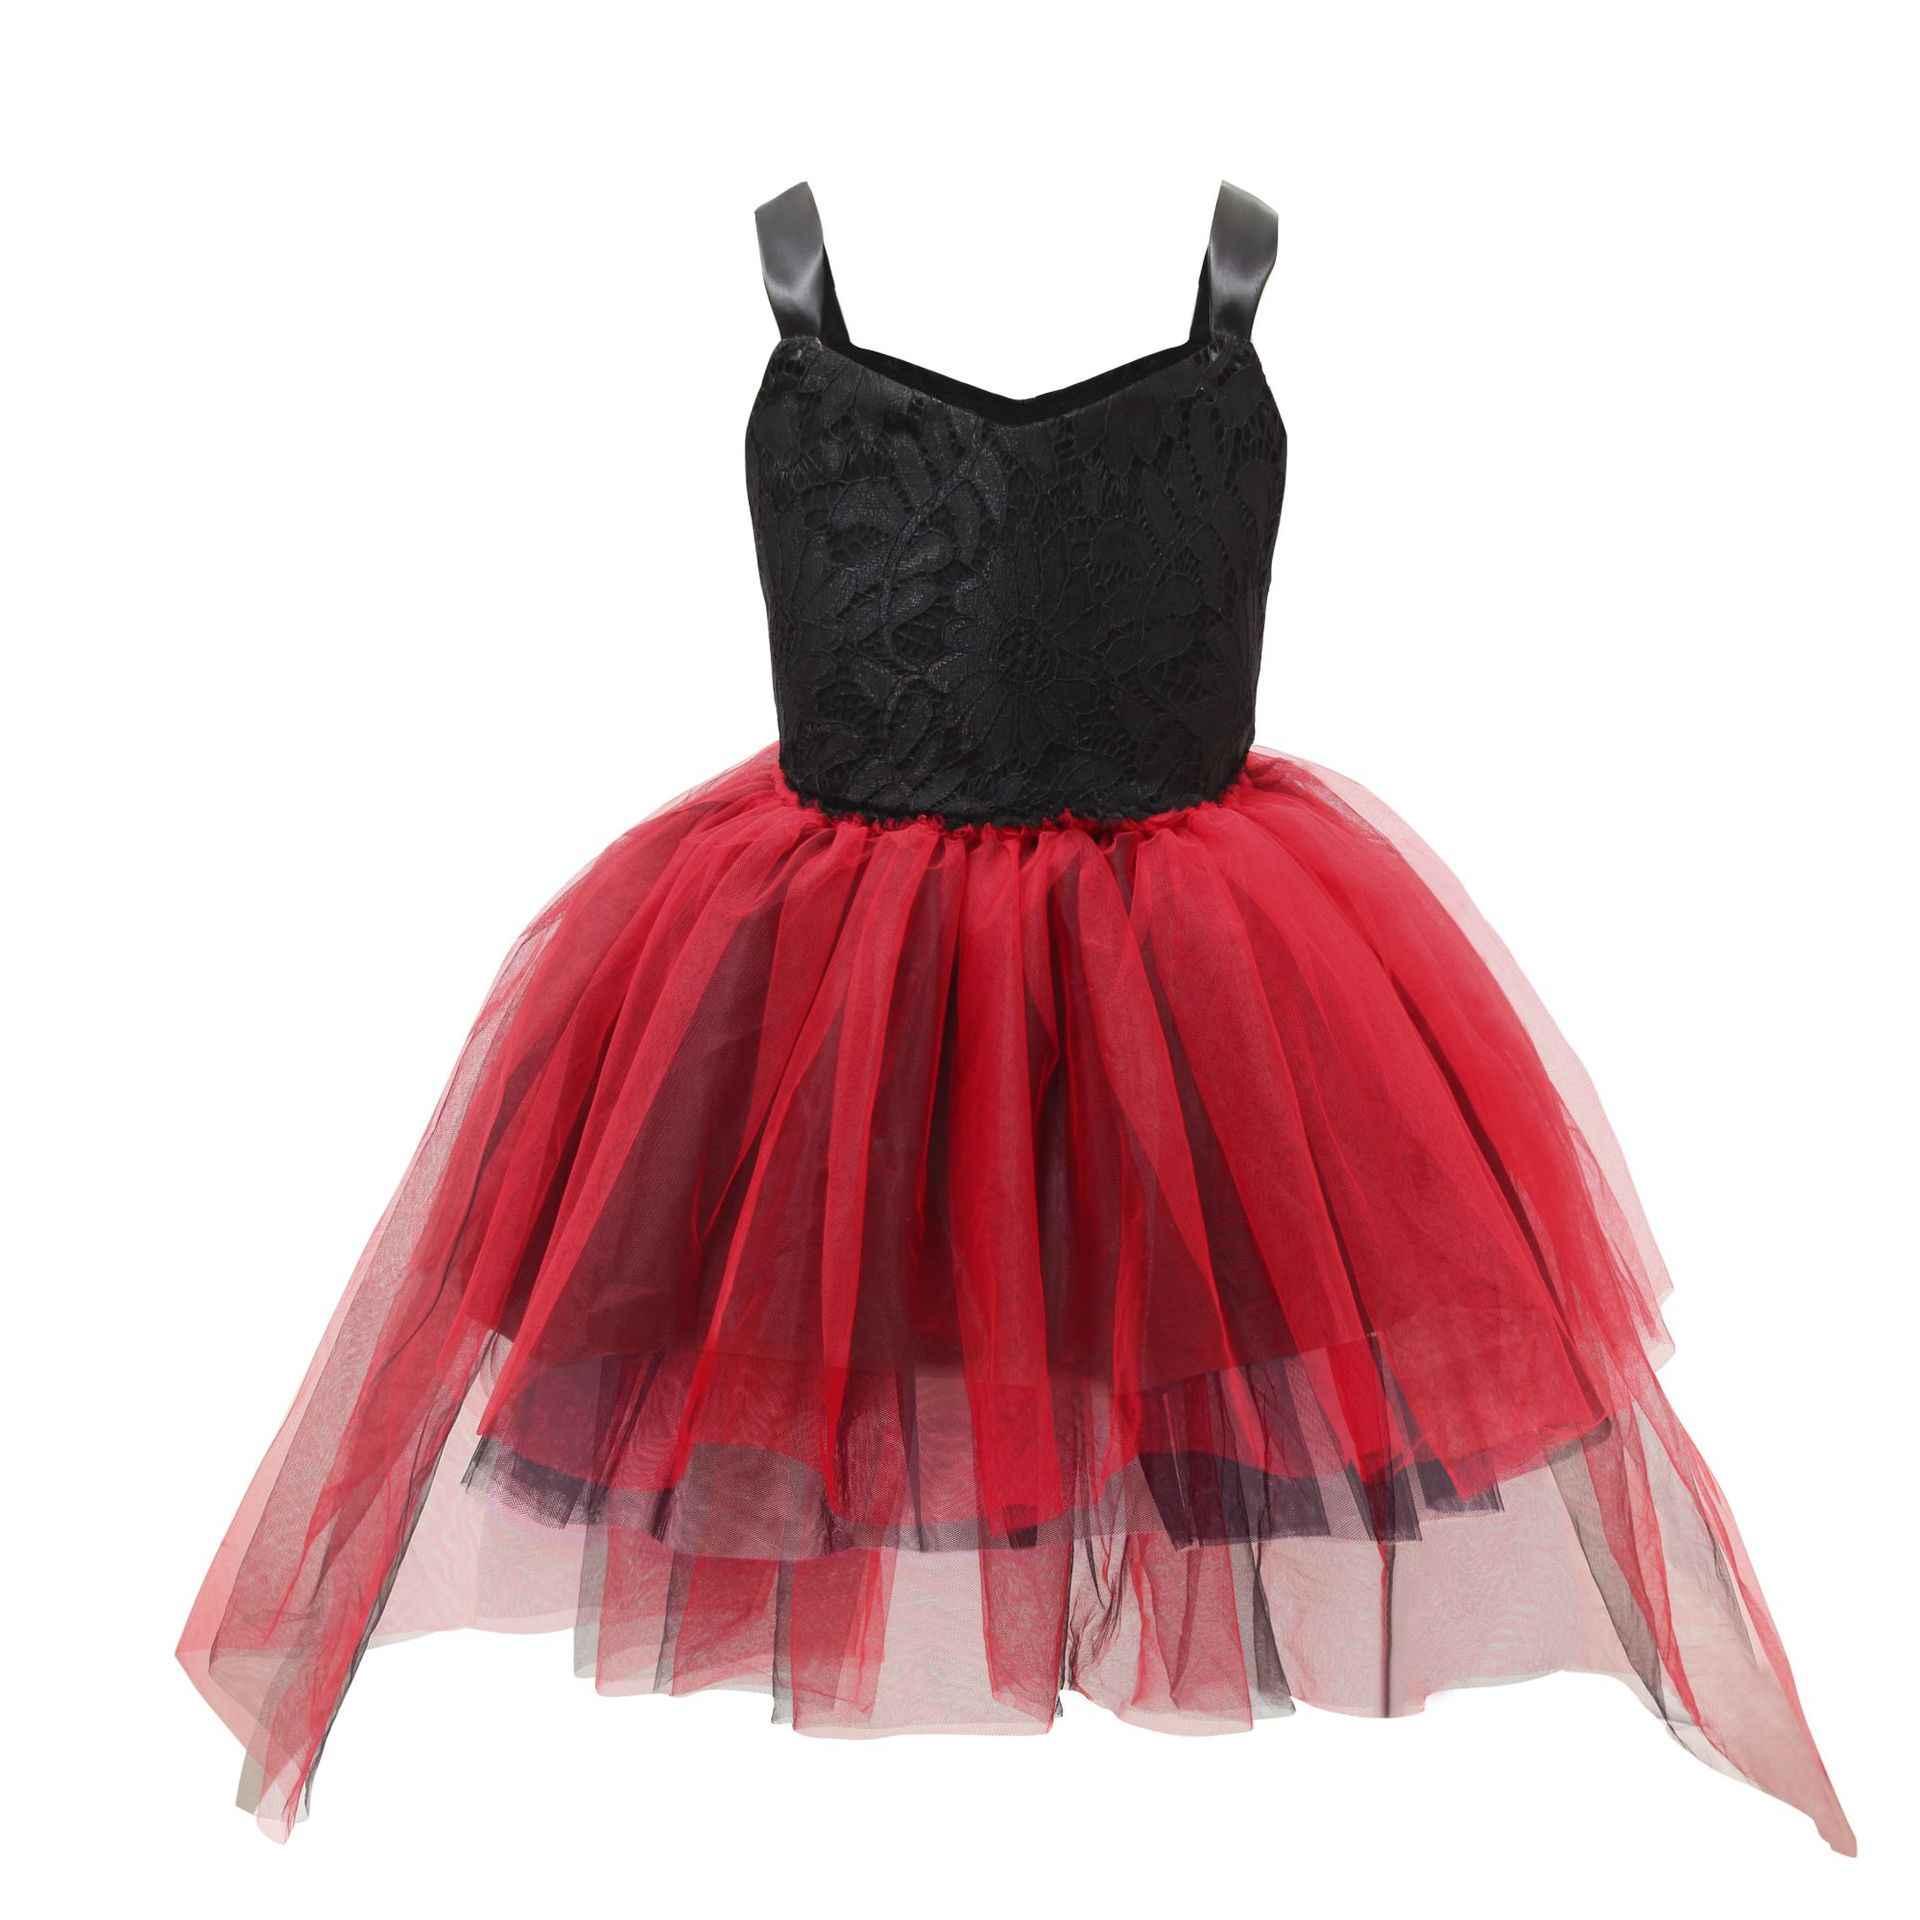 2020 ベビーガールズドレス結婚式花ガールプリンセスドレス子供バレエ女の子のためのパーティードレス春夏チュール服